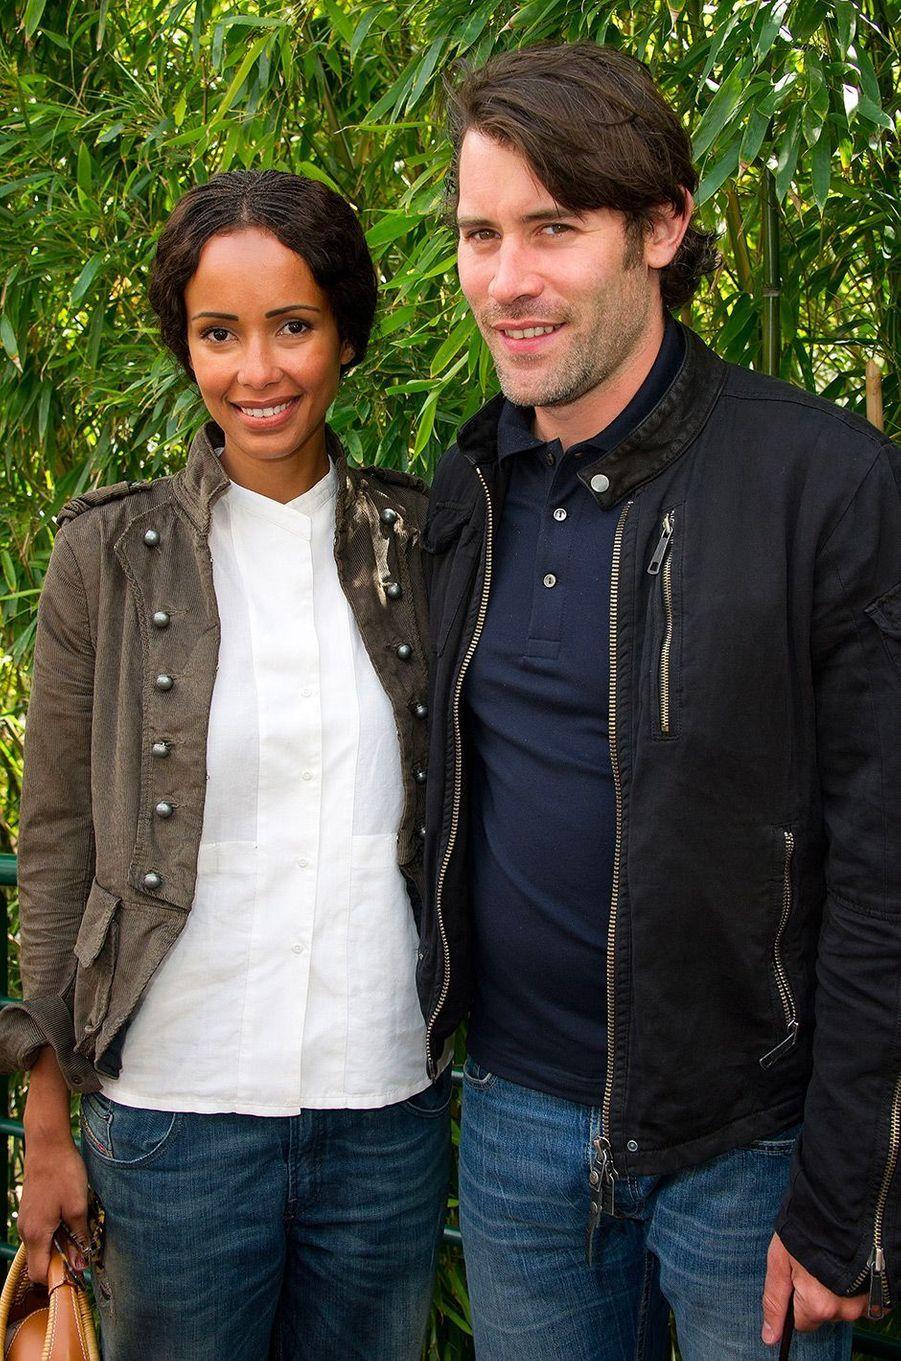 Sonia Rolland et Jalil Lespert en mai 2011